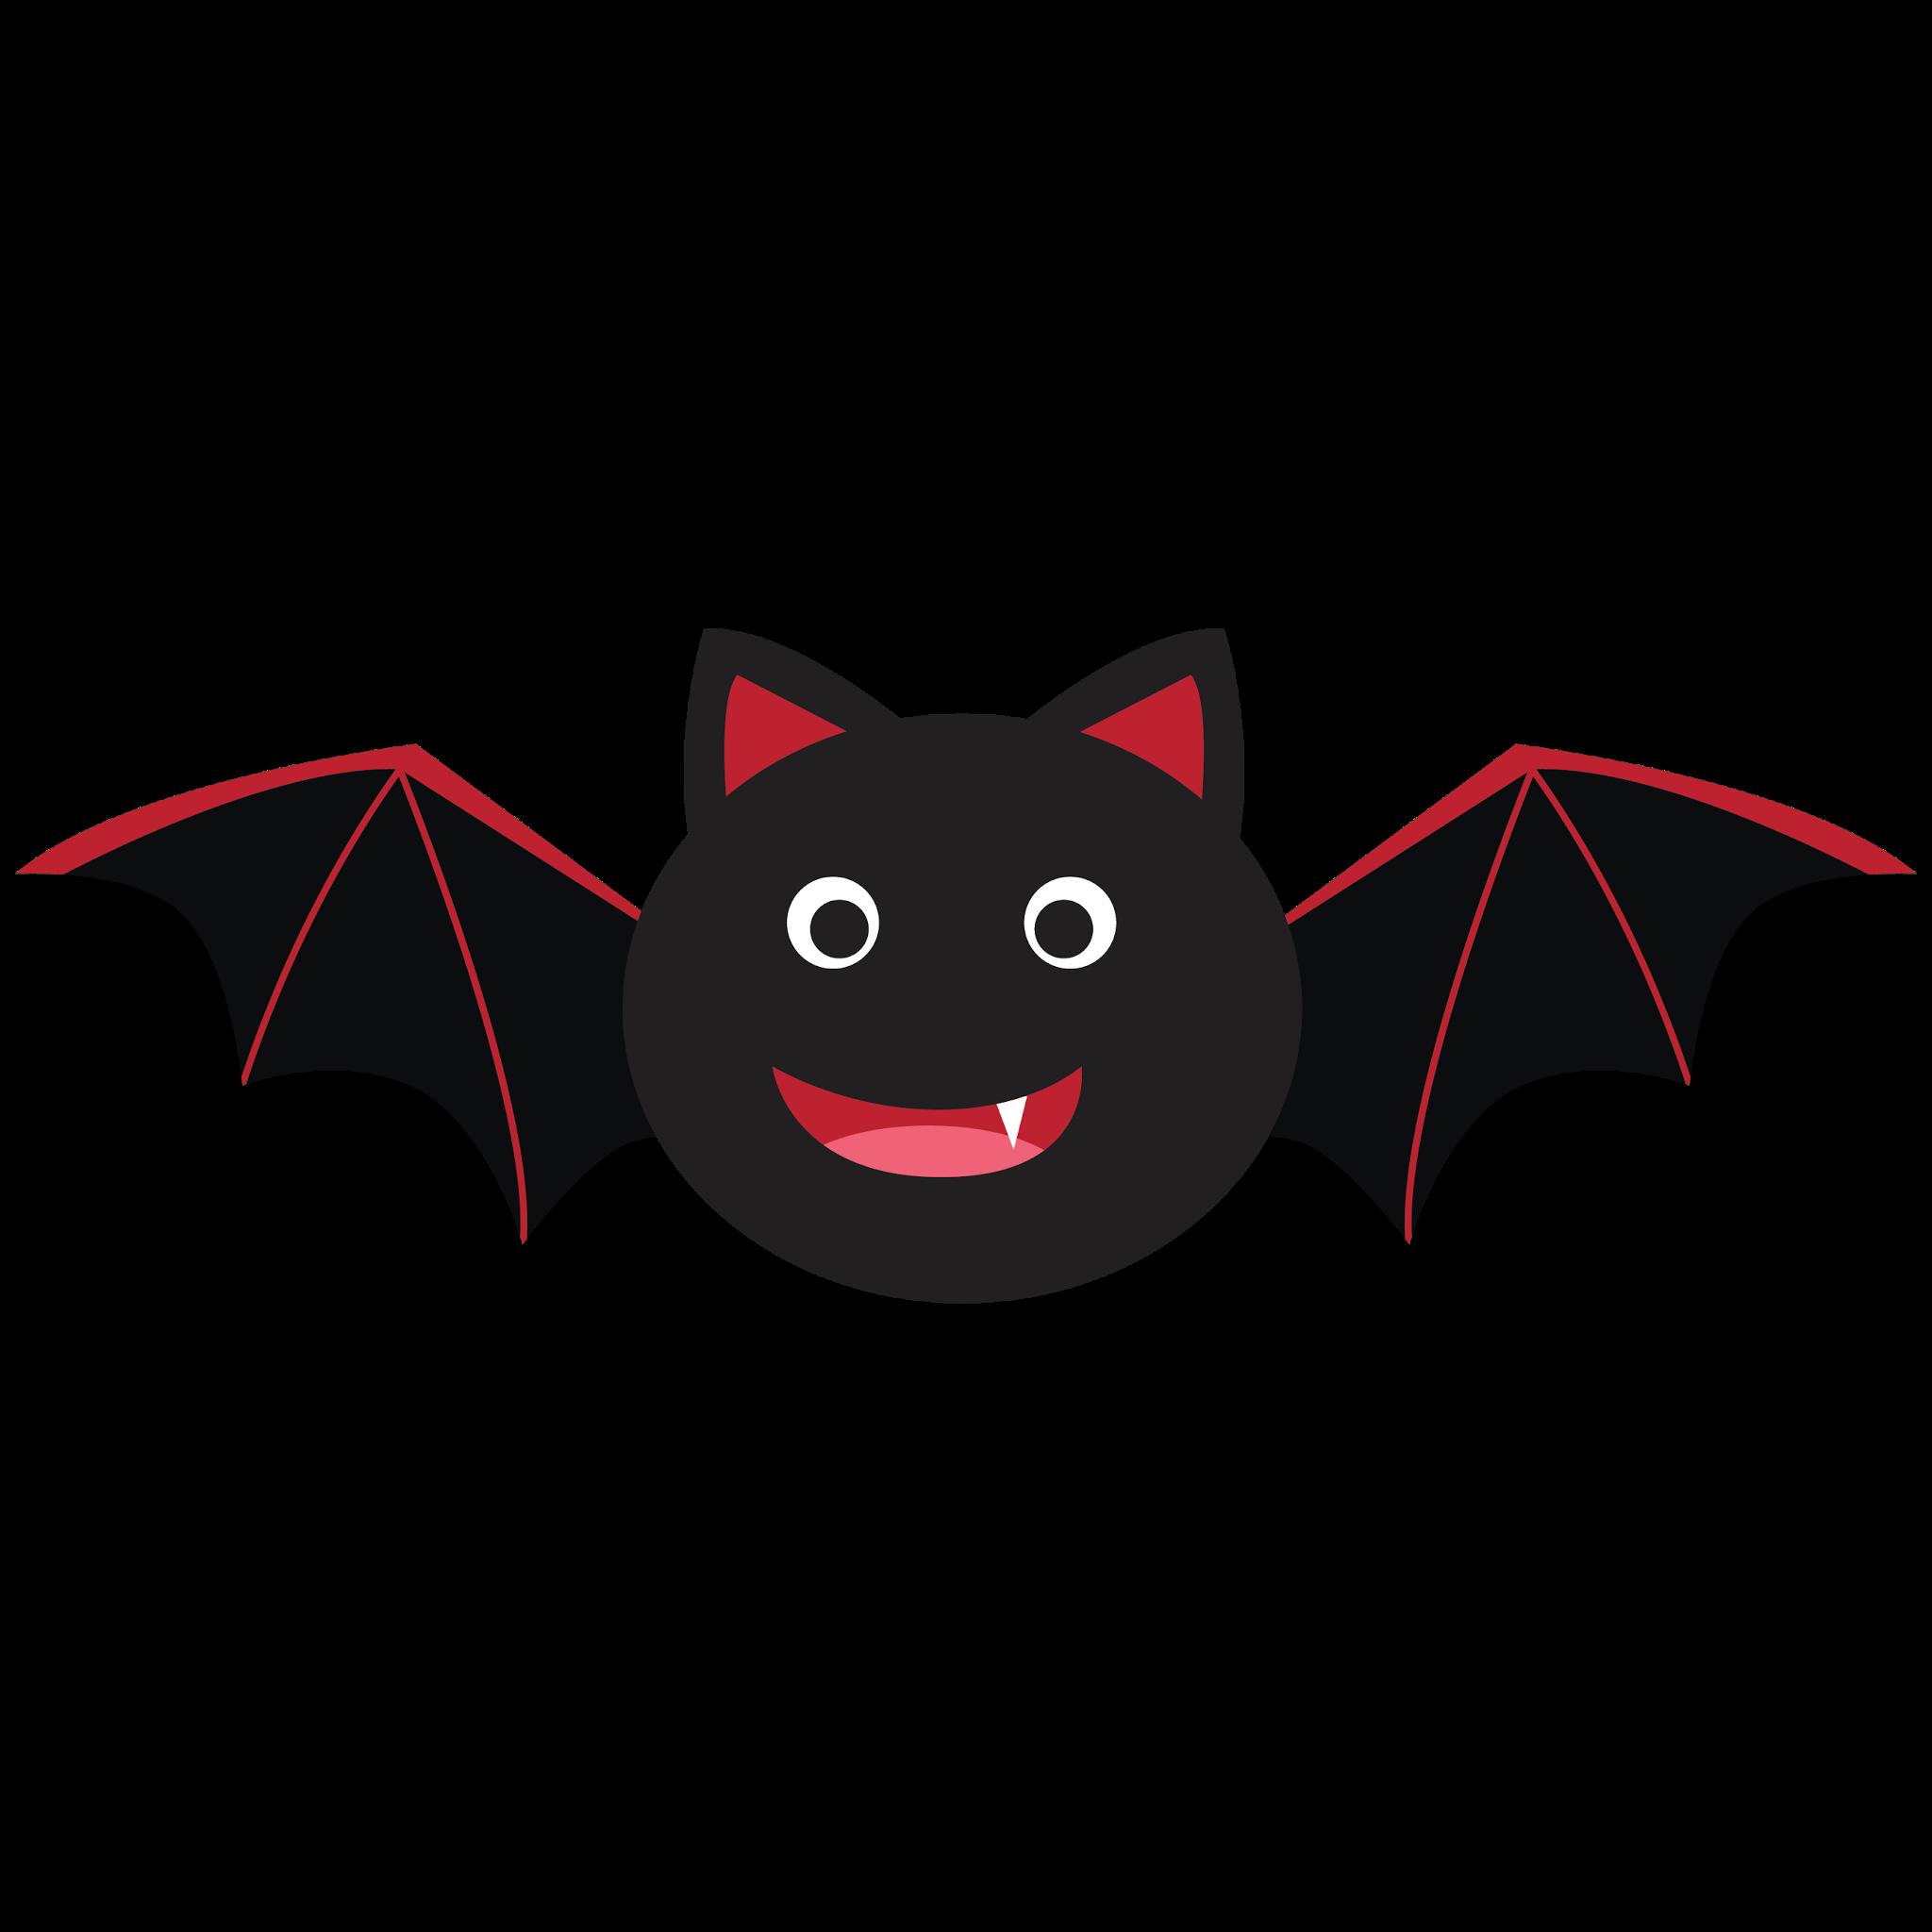 Bat clipart 3